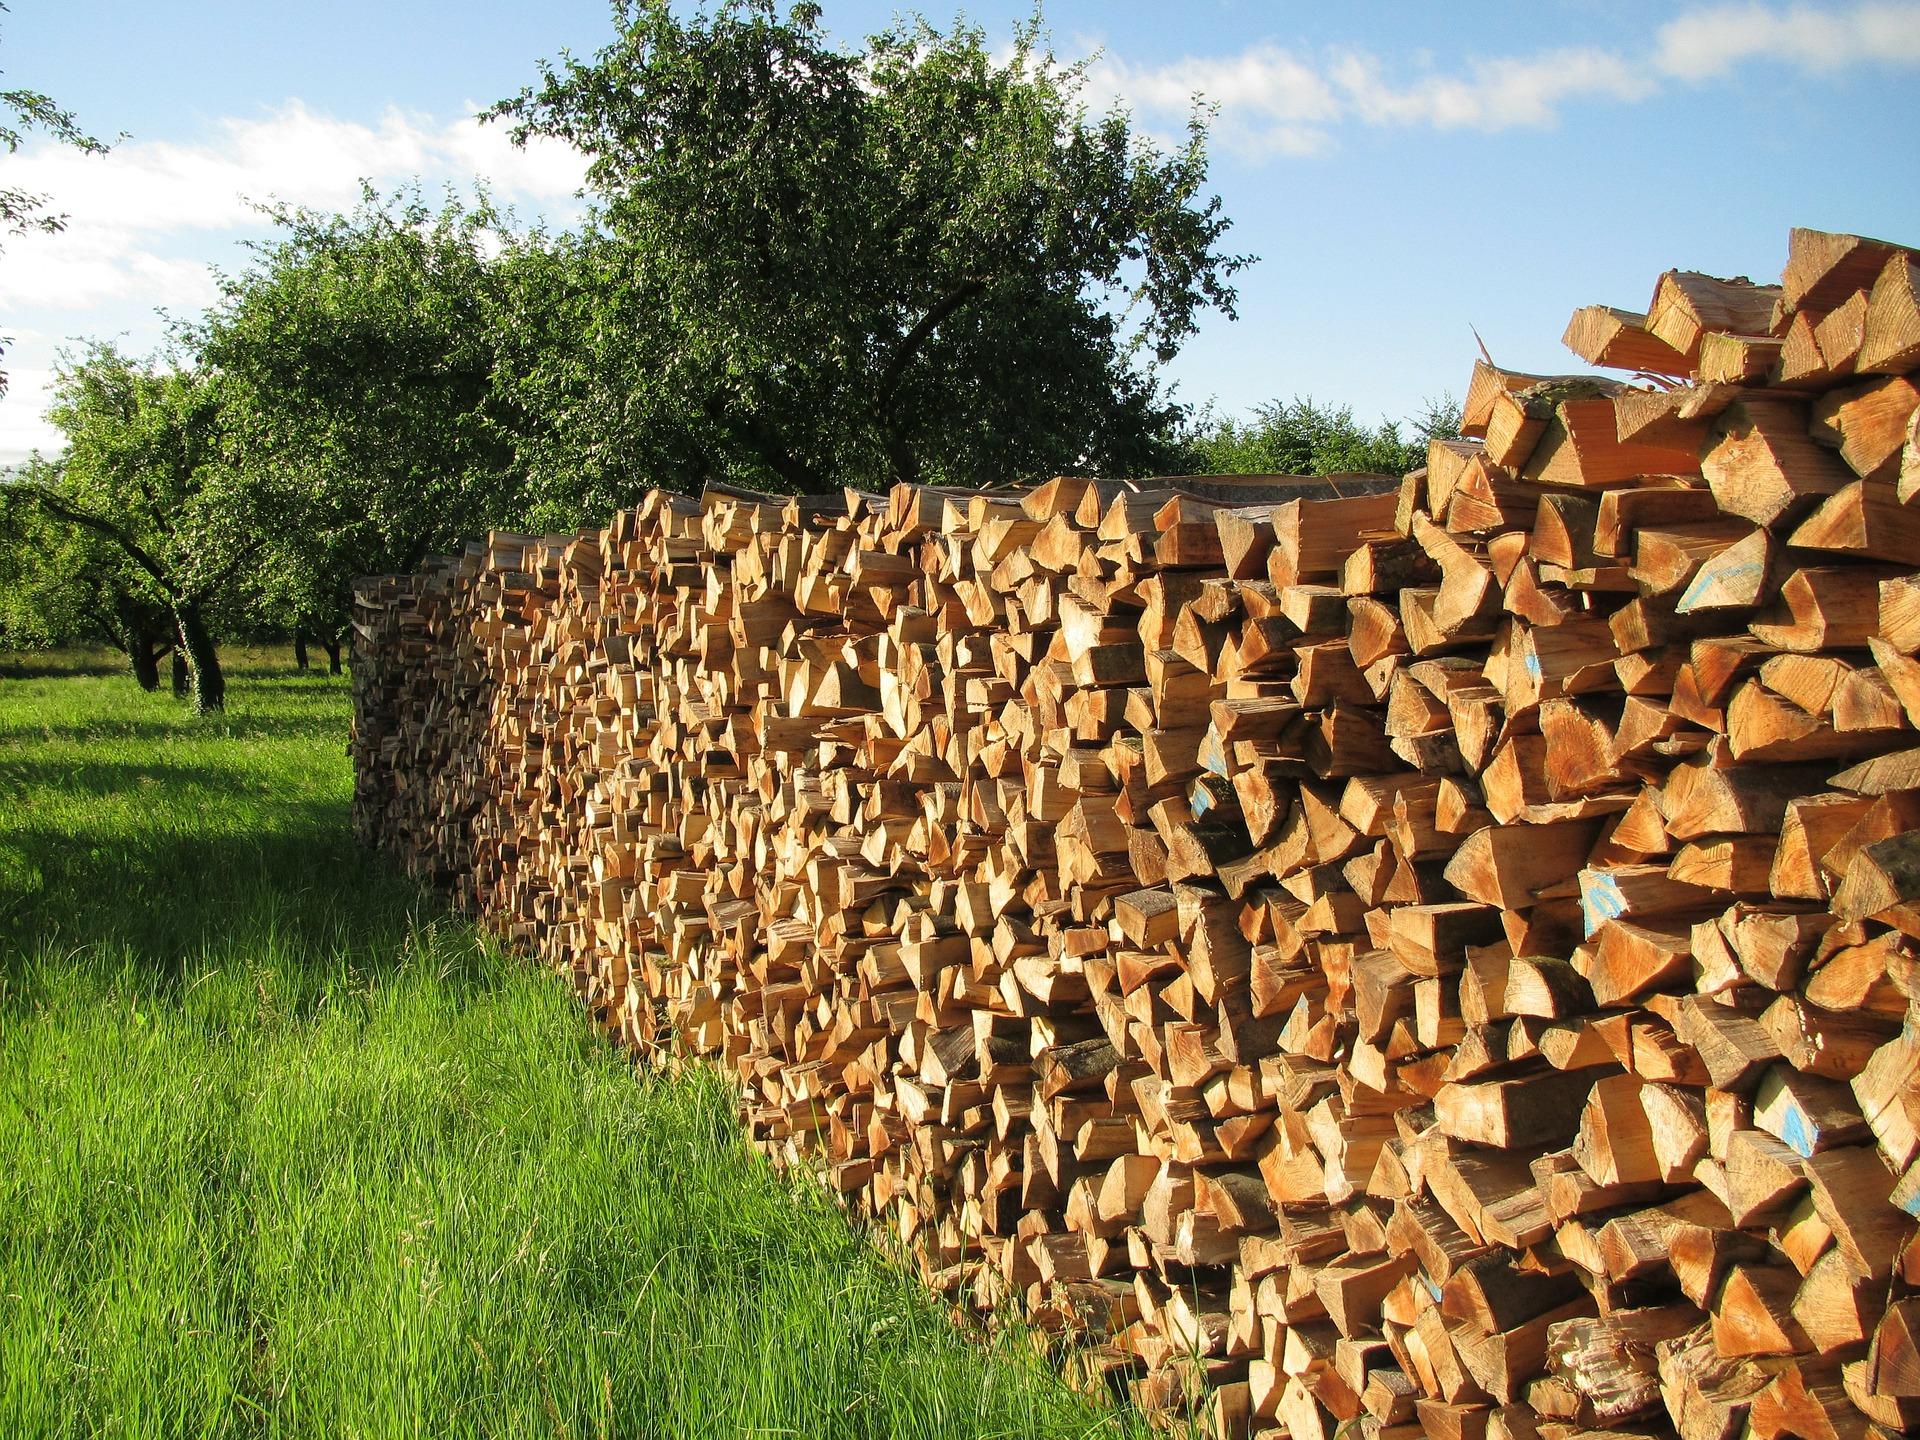 """"""" Tree Wood, Firewood, Wood, Batten """" by  Gerd Altmann  is  public domain ."""